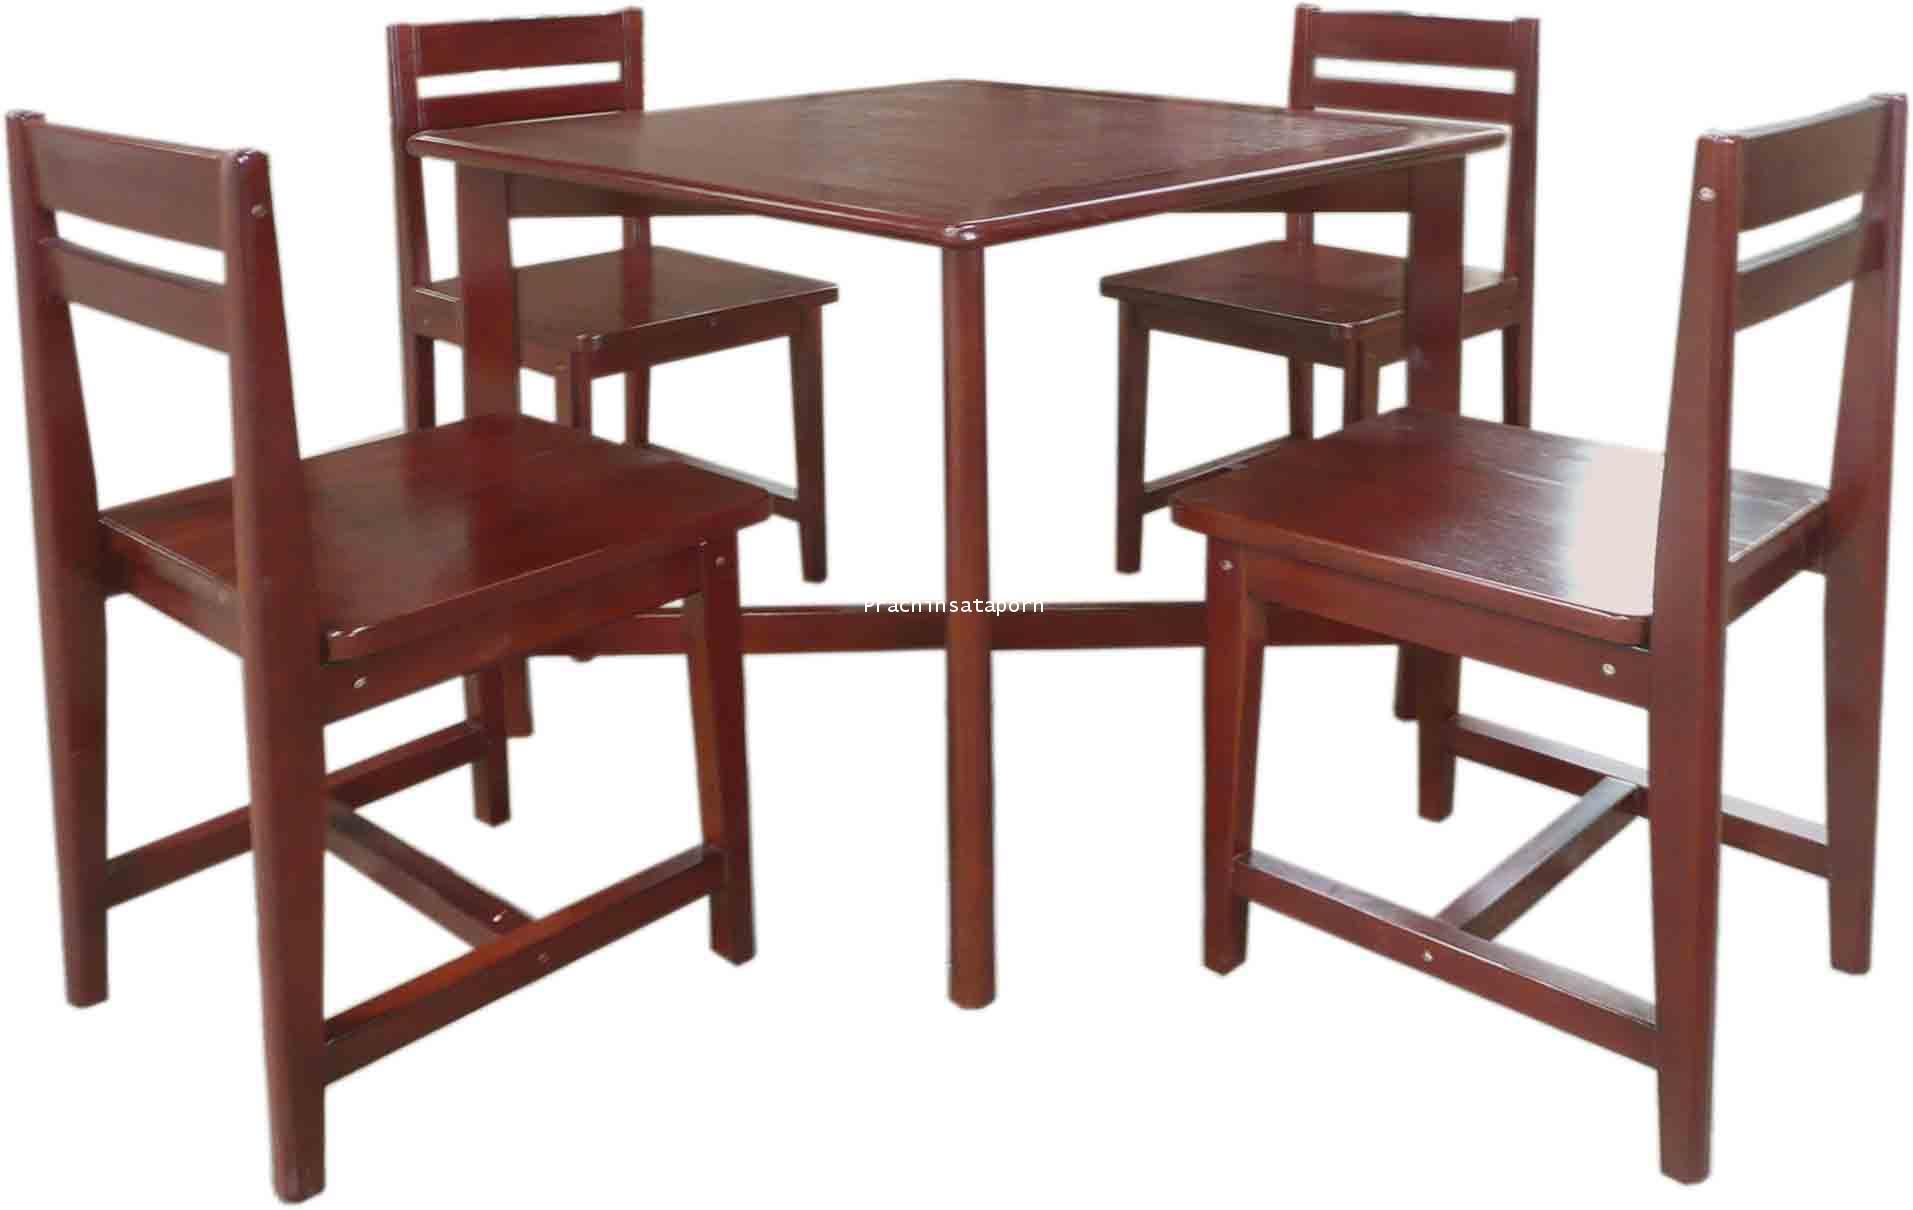 A21 โต๊ะอ่านหนังสือ 4ที่นั่ง พร้อมเก้าอี้